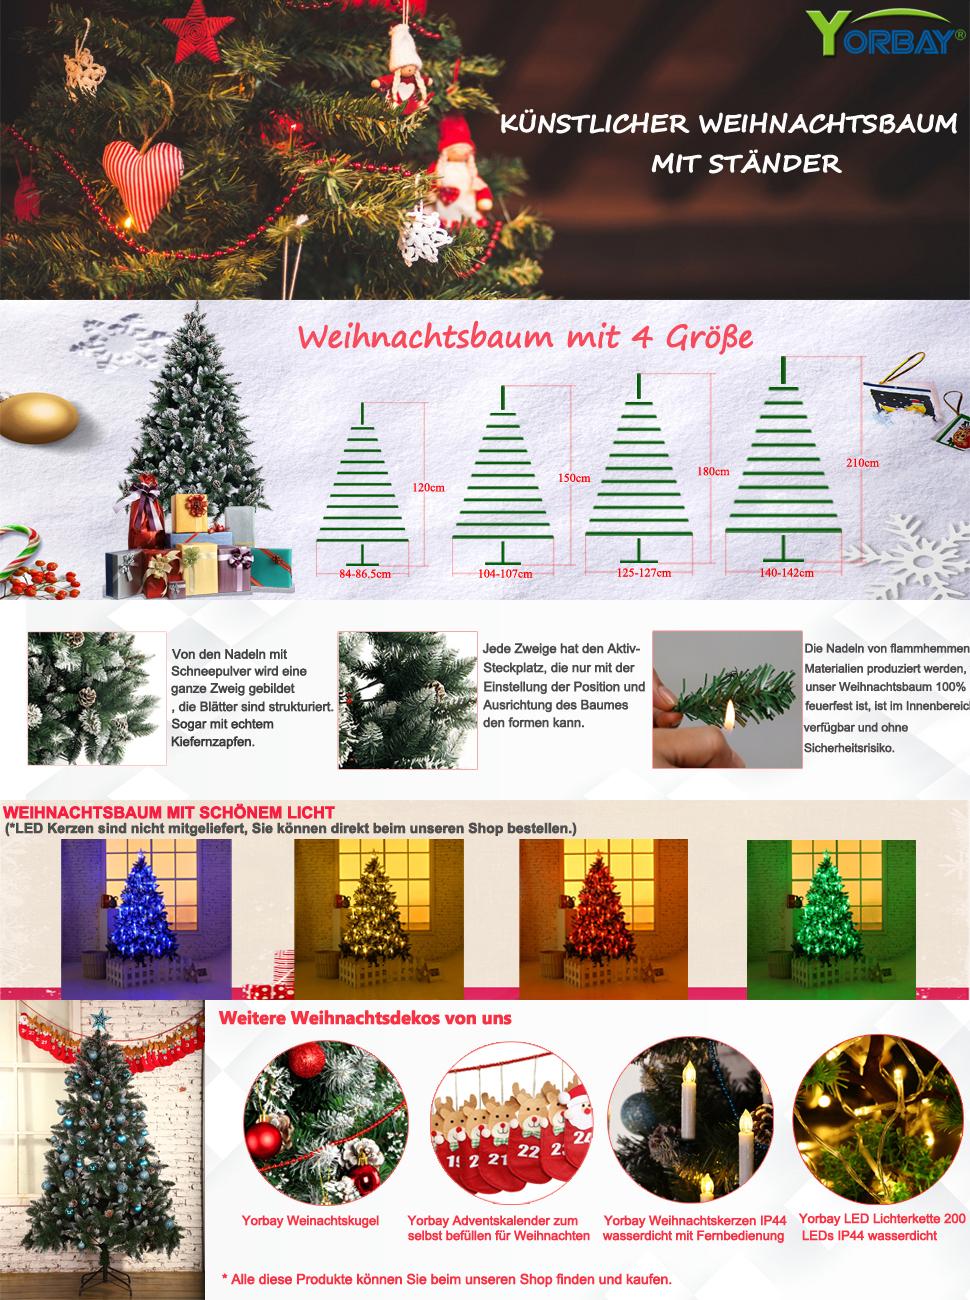 yorbay weihnachtsbaum tannenbaum mit st nder 120cm 240cm. Black Bedroom Furniture Sets. Home Design Ideas